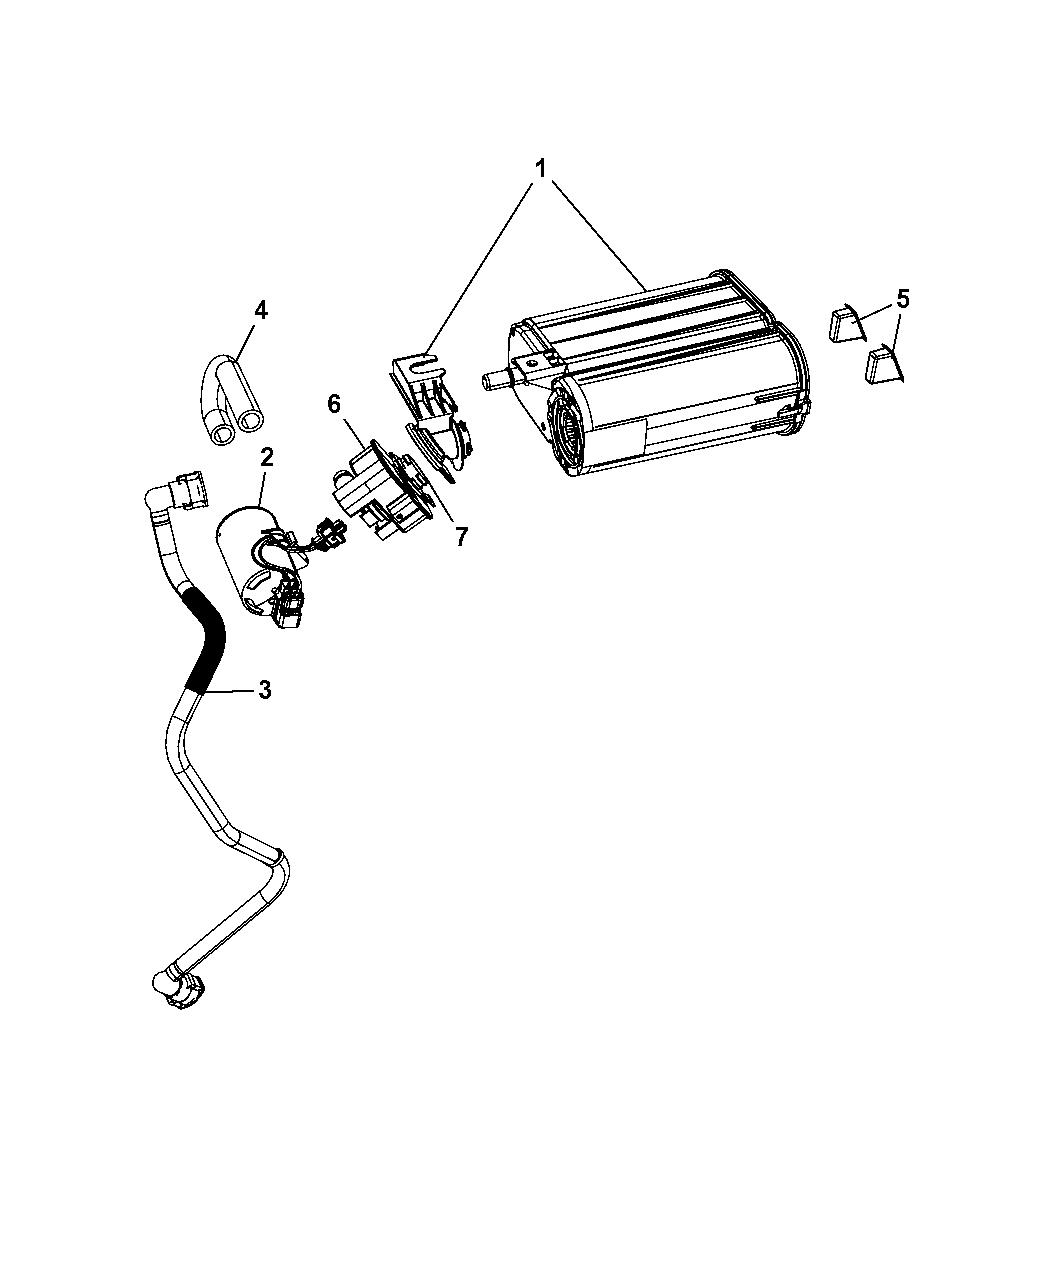 2008 Chrysler 300 Vapor Canister & Leak Detection Pump